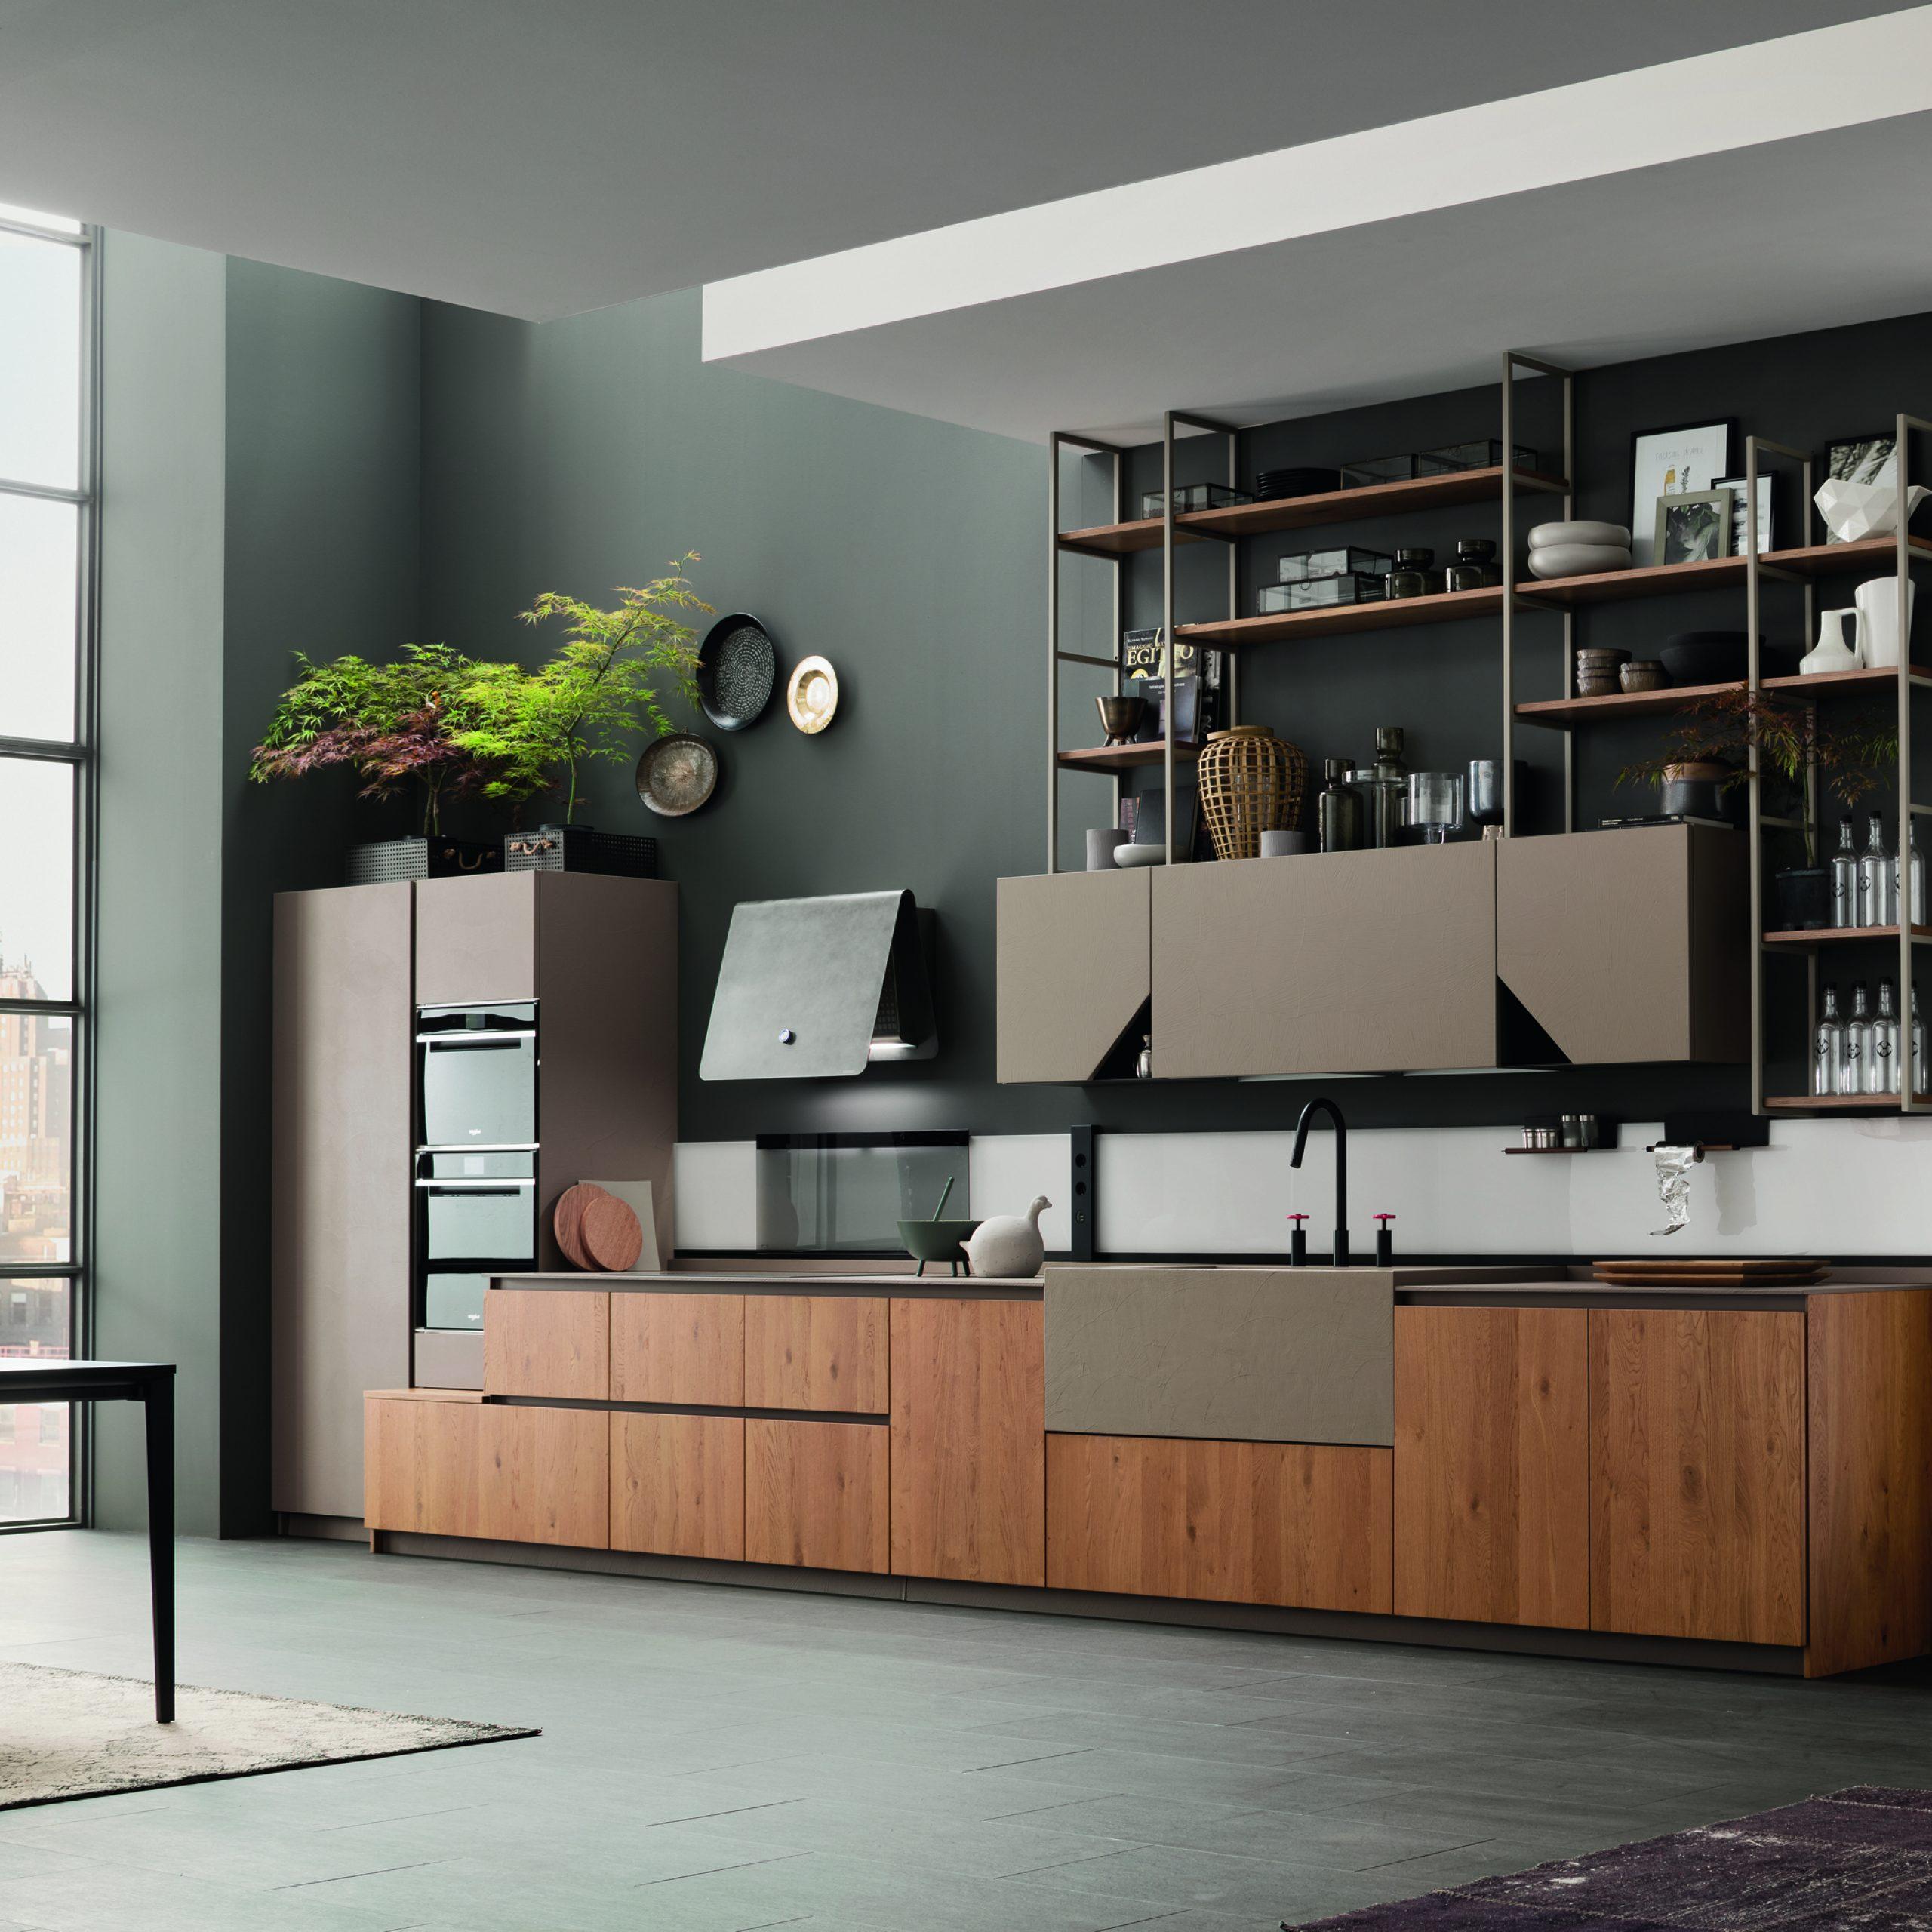 cucina design industriale con libreria a soffitto